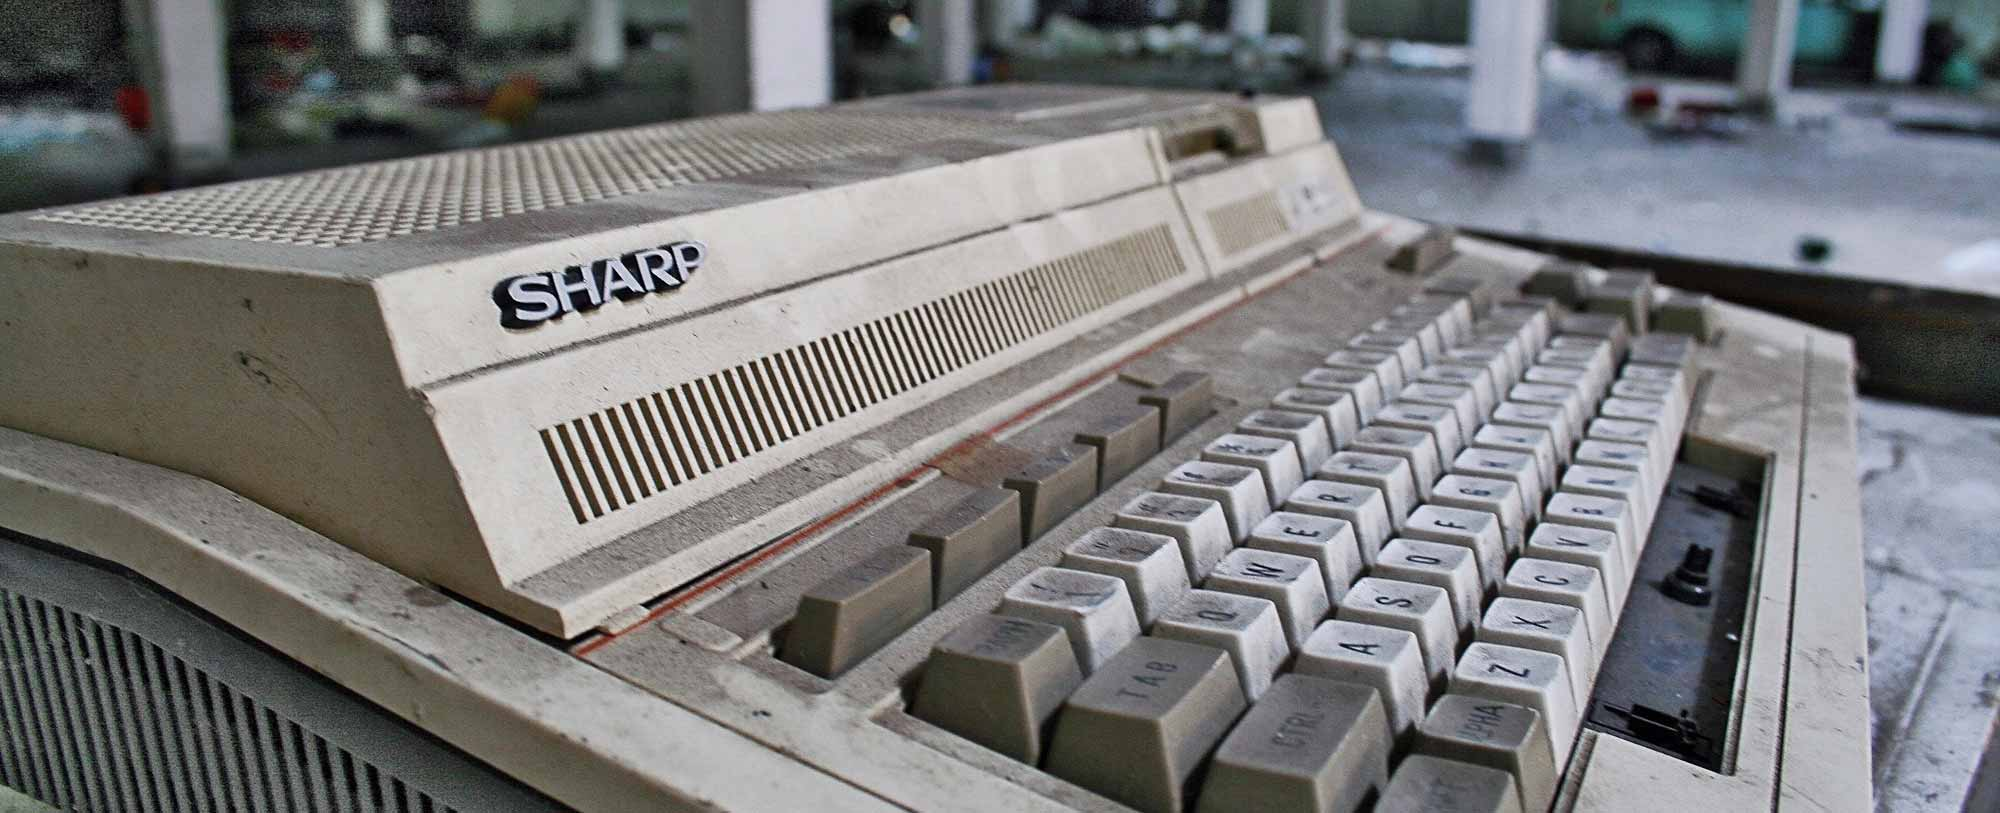 Old broken down keyboard